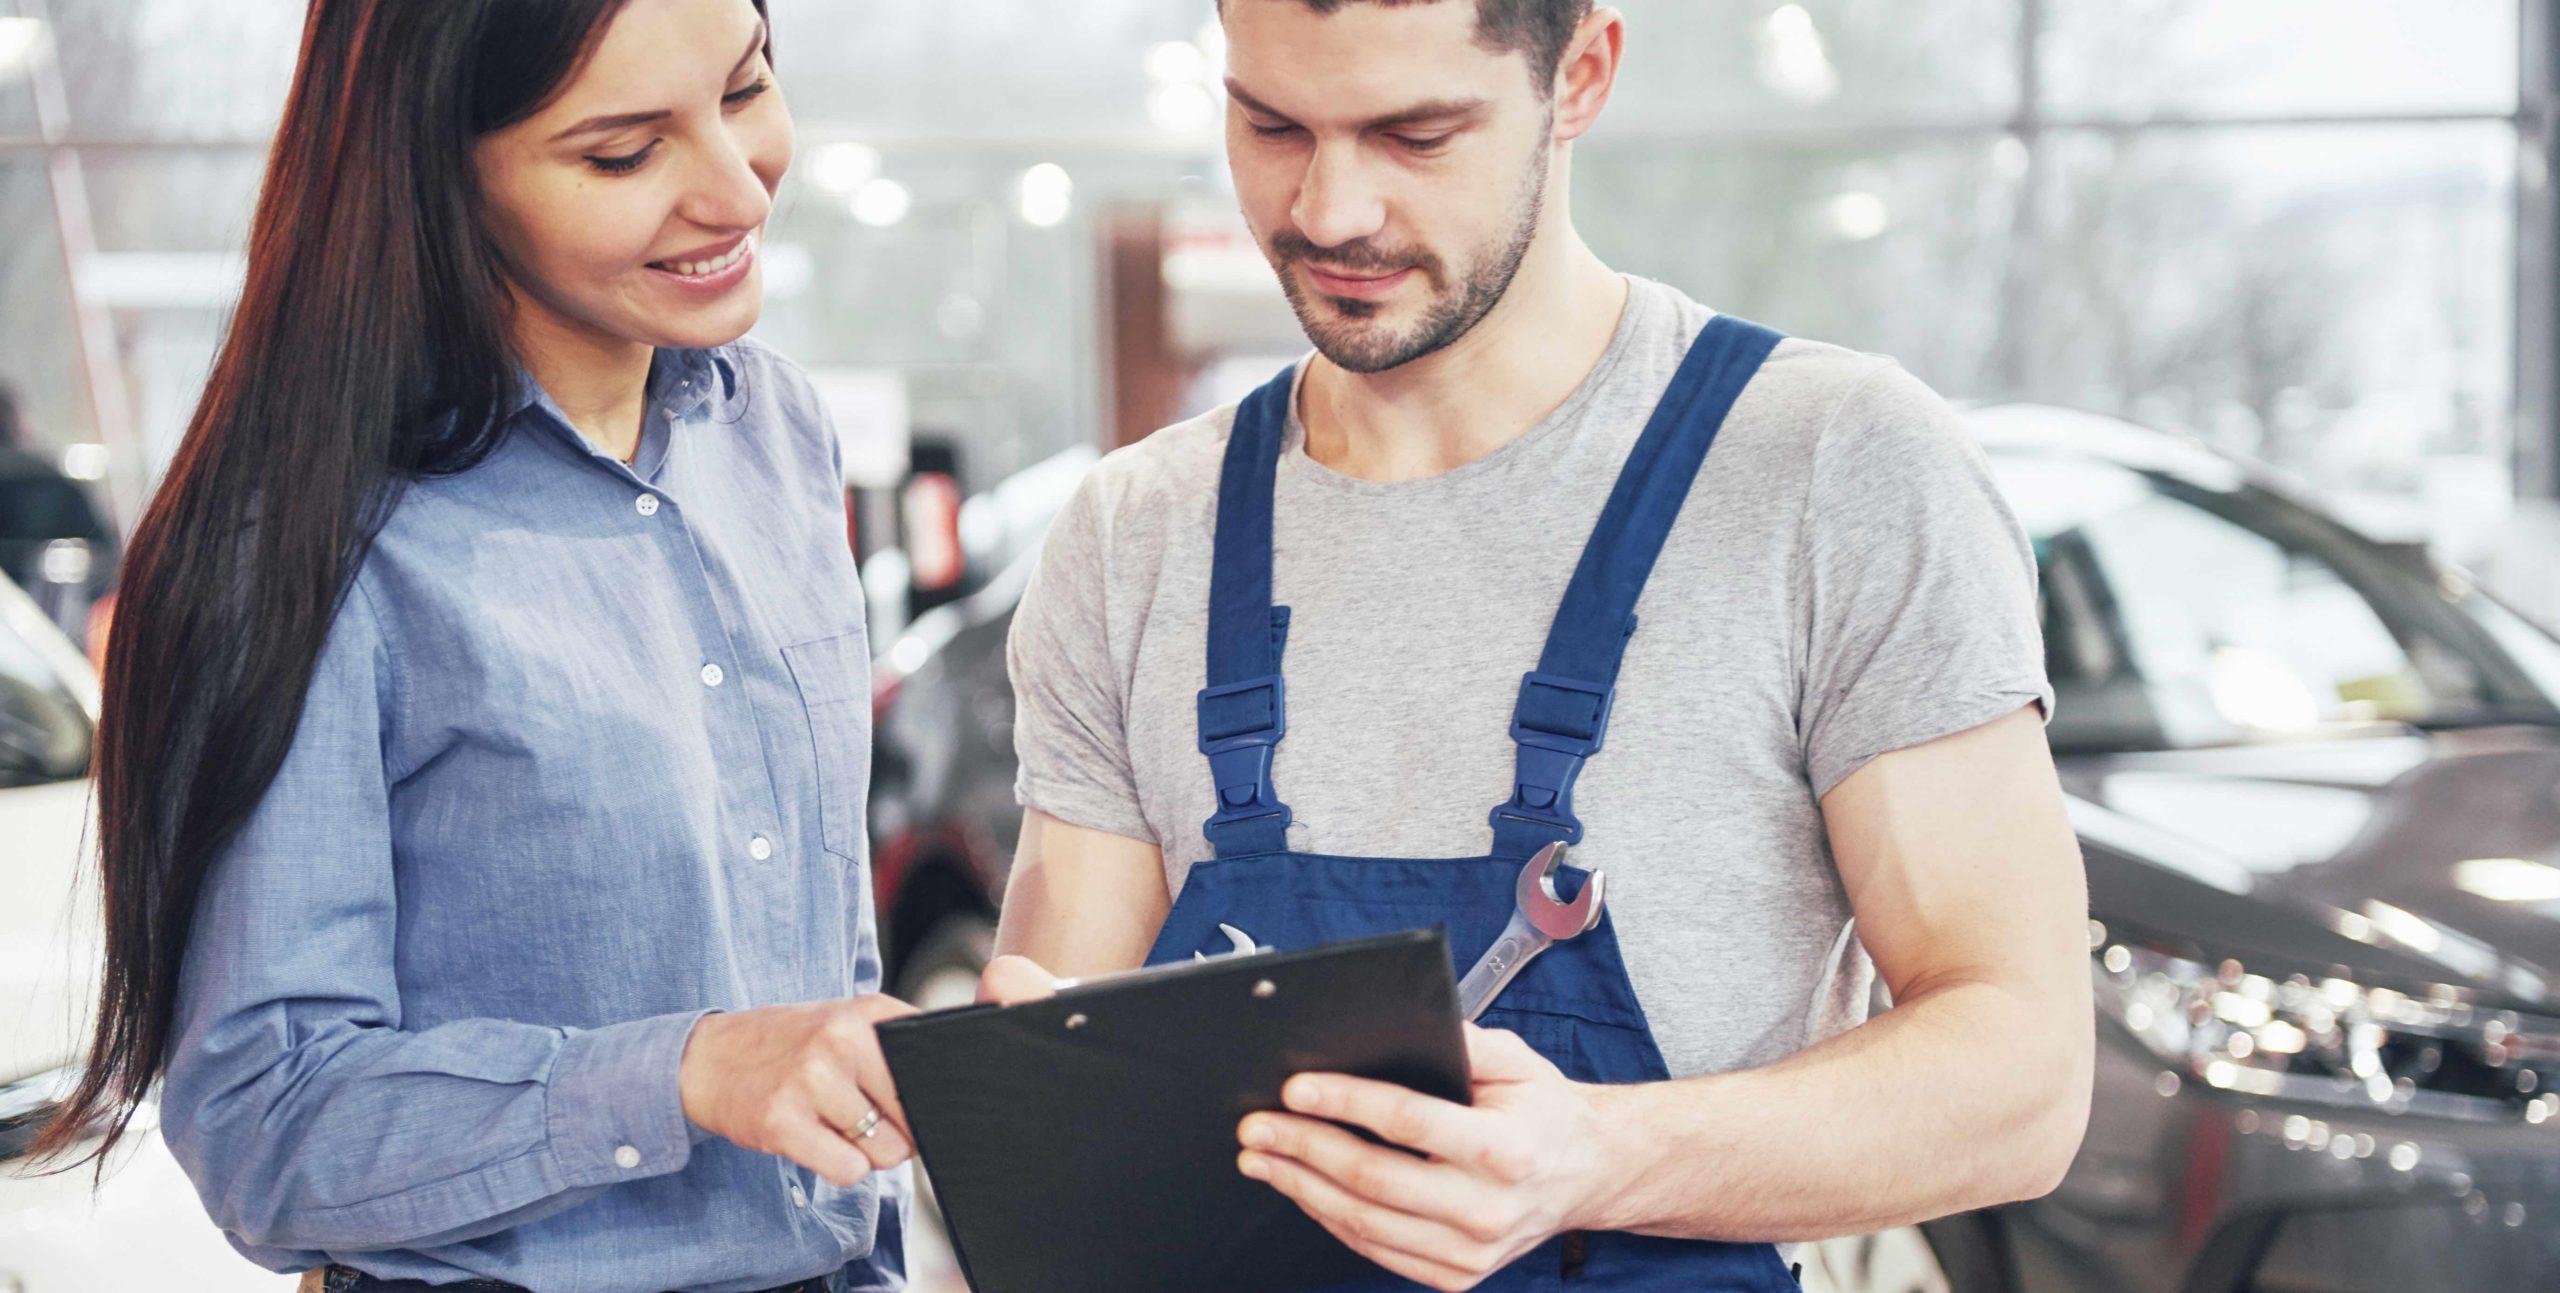 Voiture d'occasion : l'importance d'une inspection avant achat